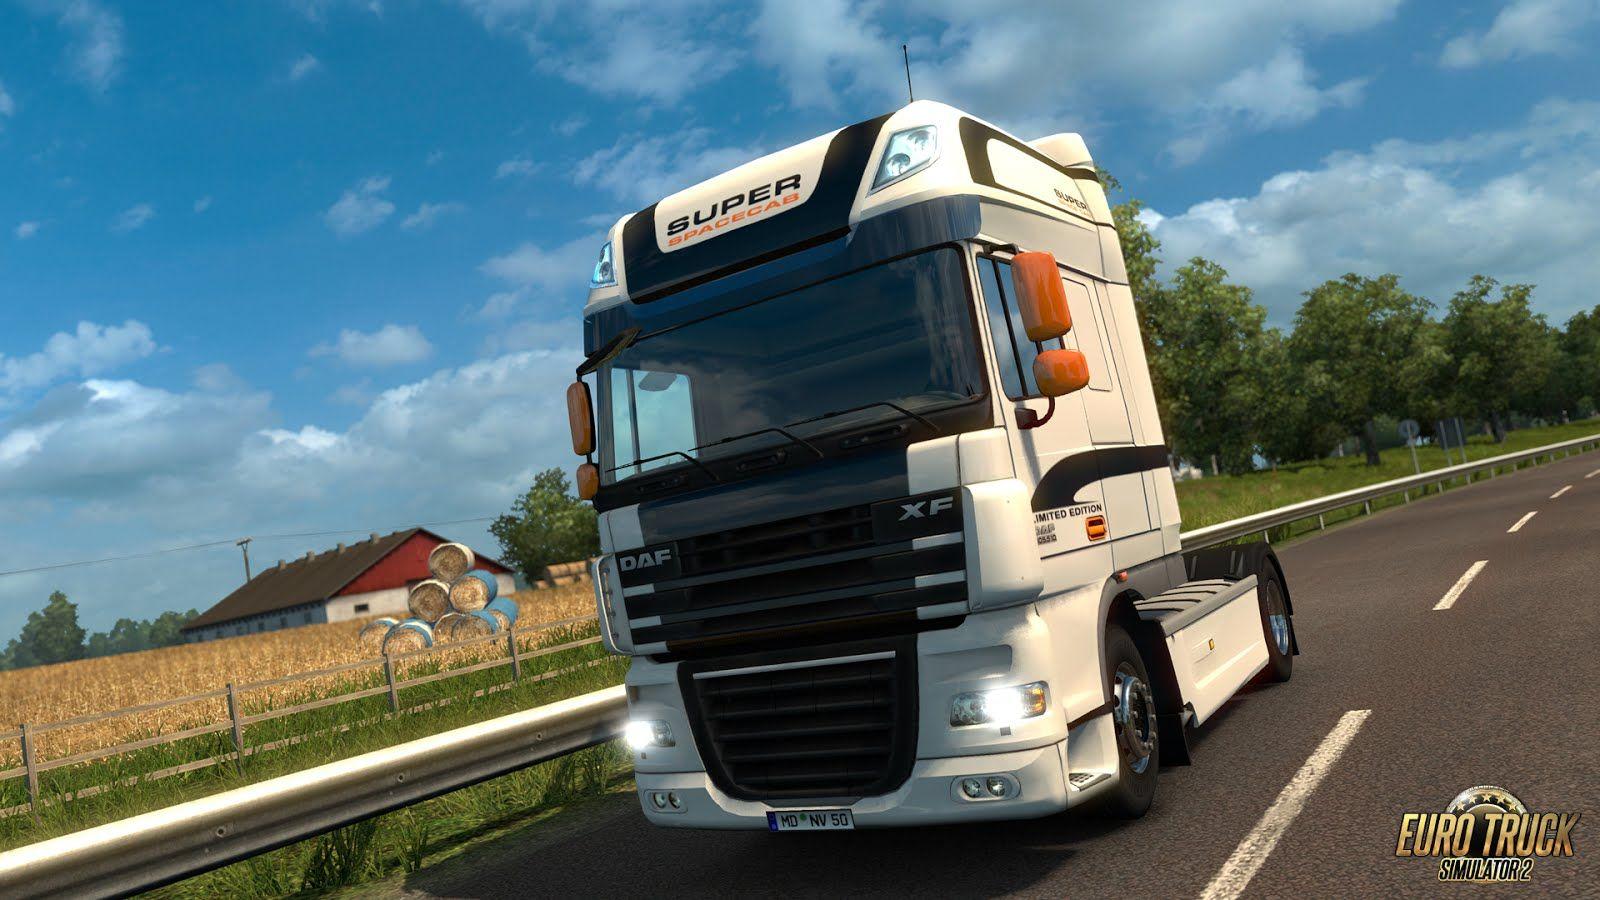 Состоялся релиз обновлений ETS 2 1.25 и American Truck Simulator 1.4